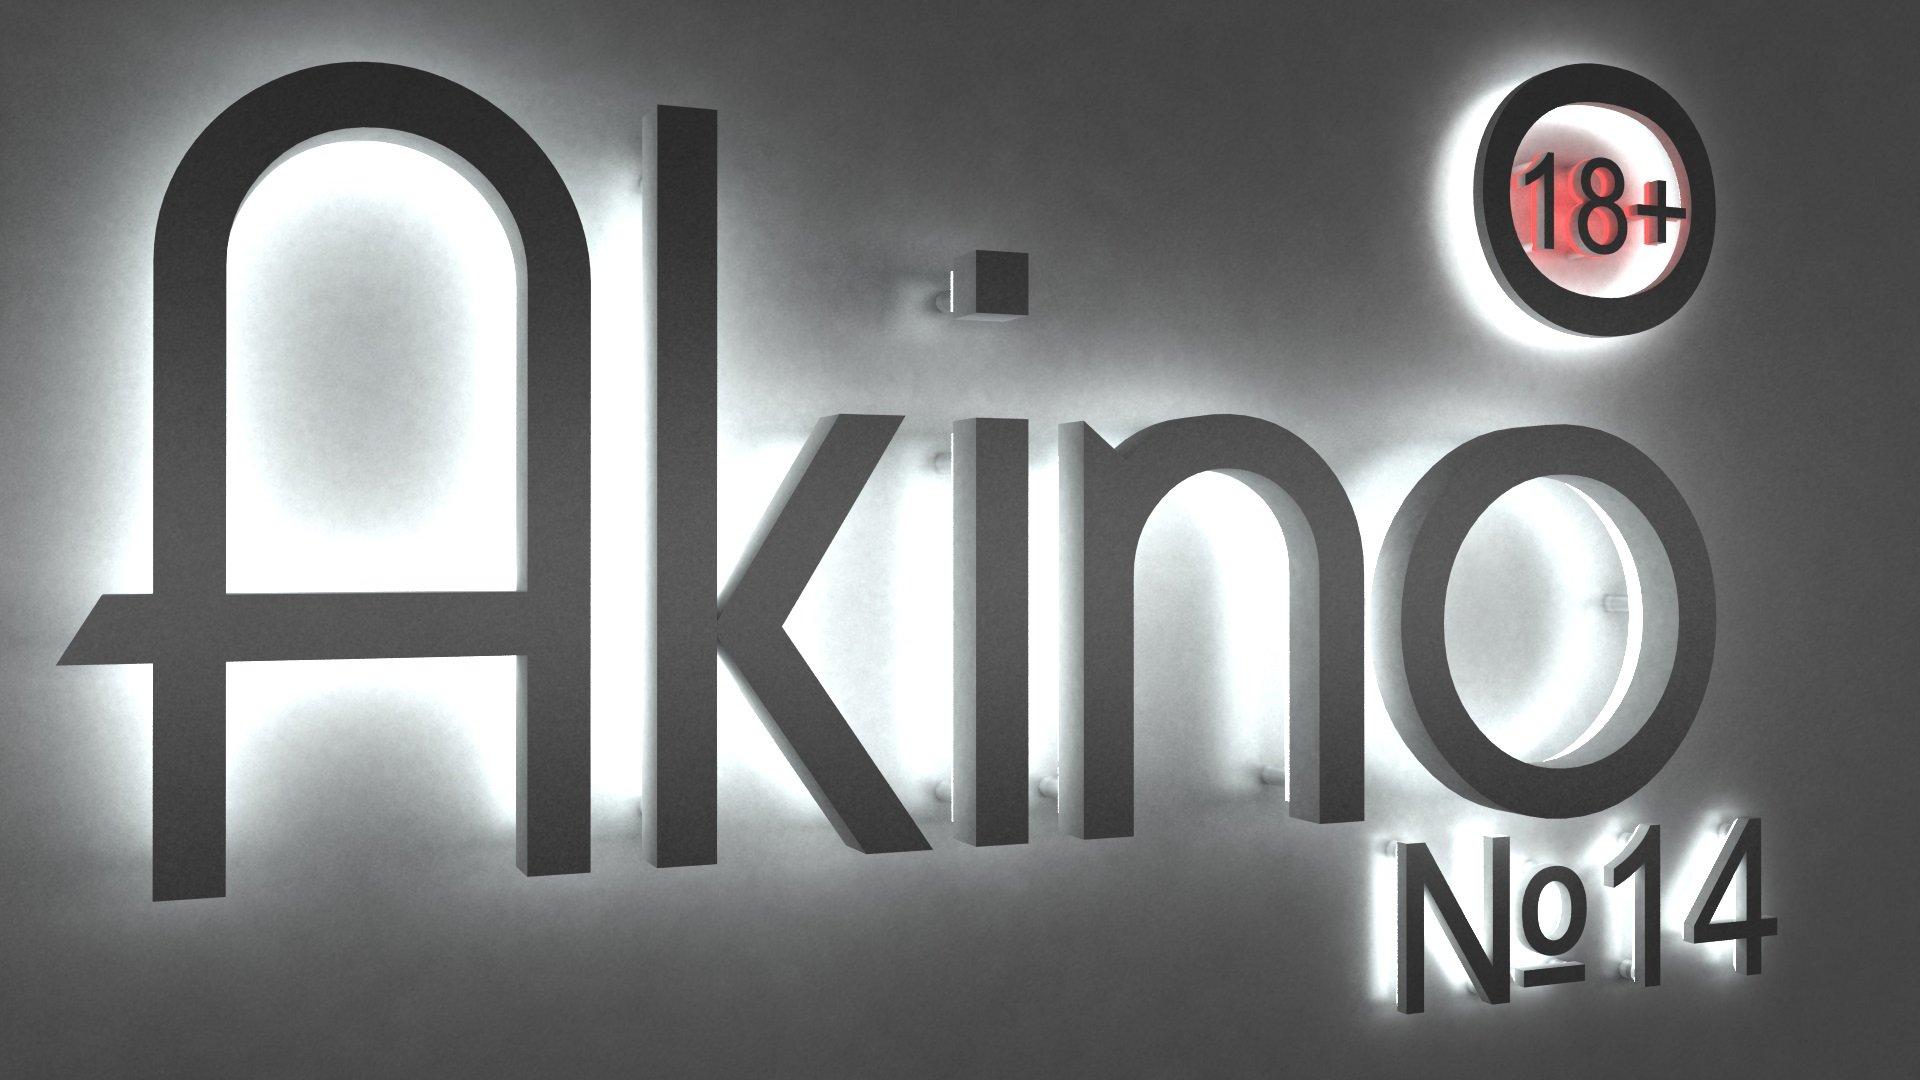 Подкаст AkiNO Выпуск № 14 (18+). - Изображение 1